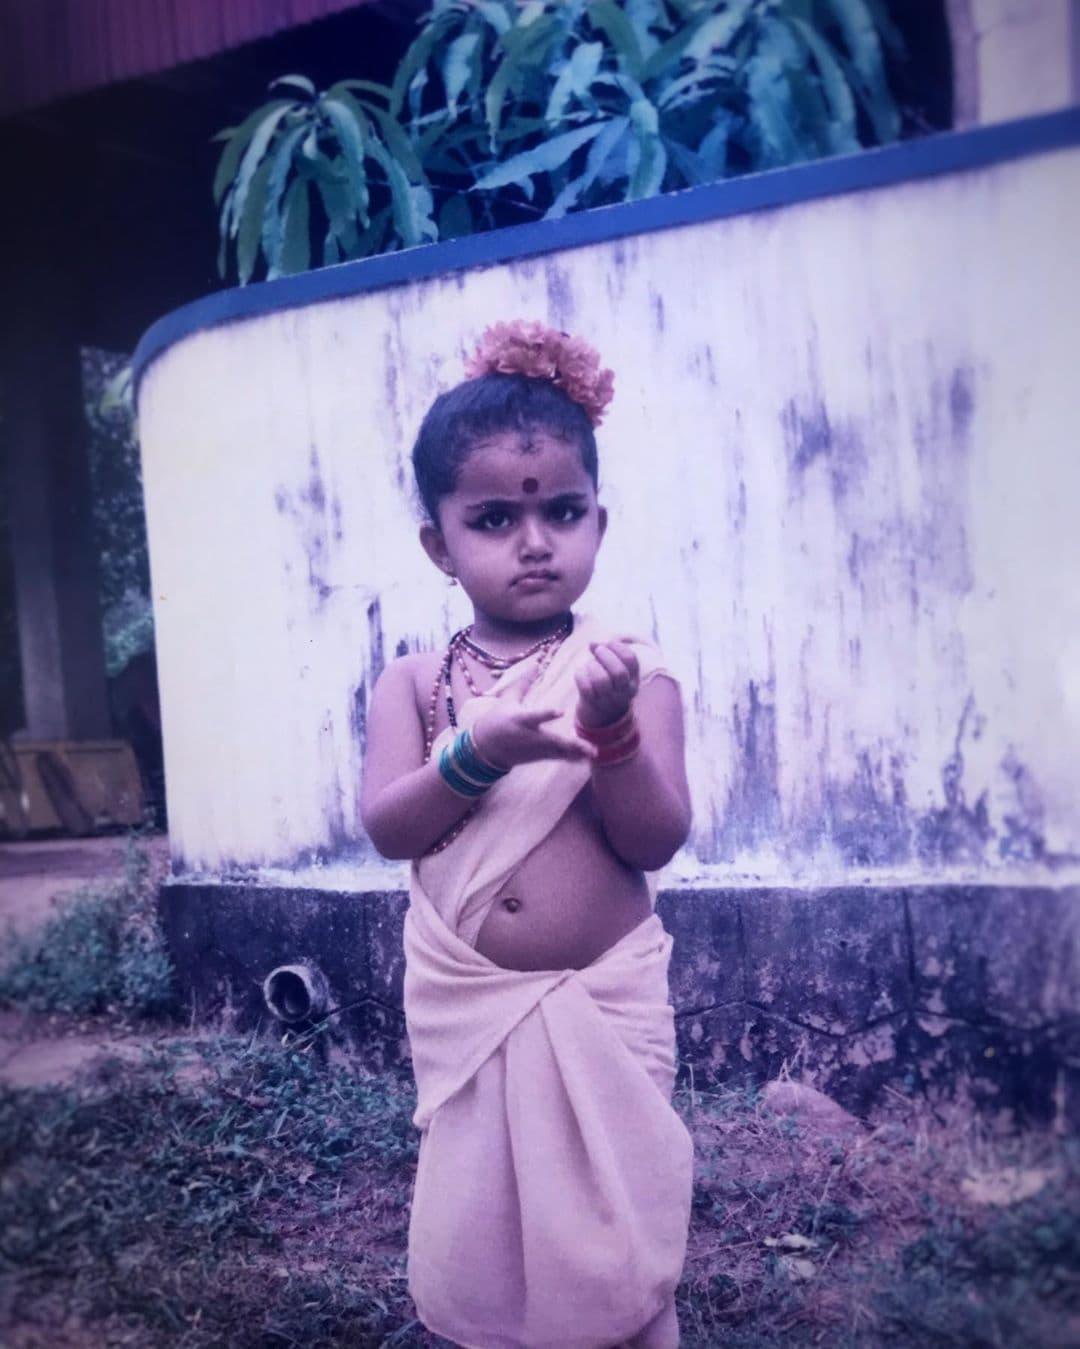 3. అనుపమ సినిమాలలో రాకముందు మలయాళంలో టీవీషోలు, సెలబ్రెటీ ఛాట్ షోలు, రియాల్టిషోలు చేసింది. Photo: Instagram.com/anupamaparameswaran96